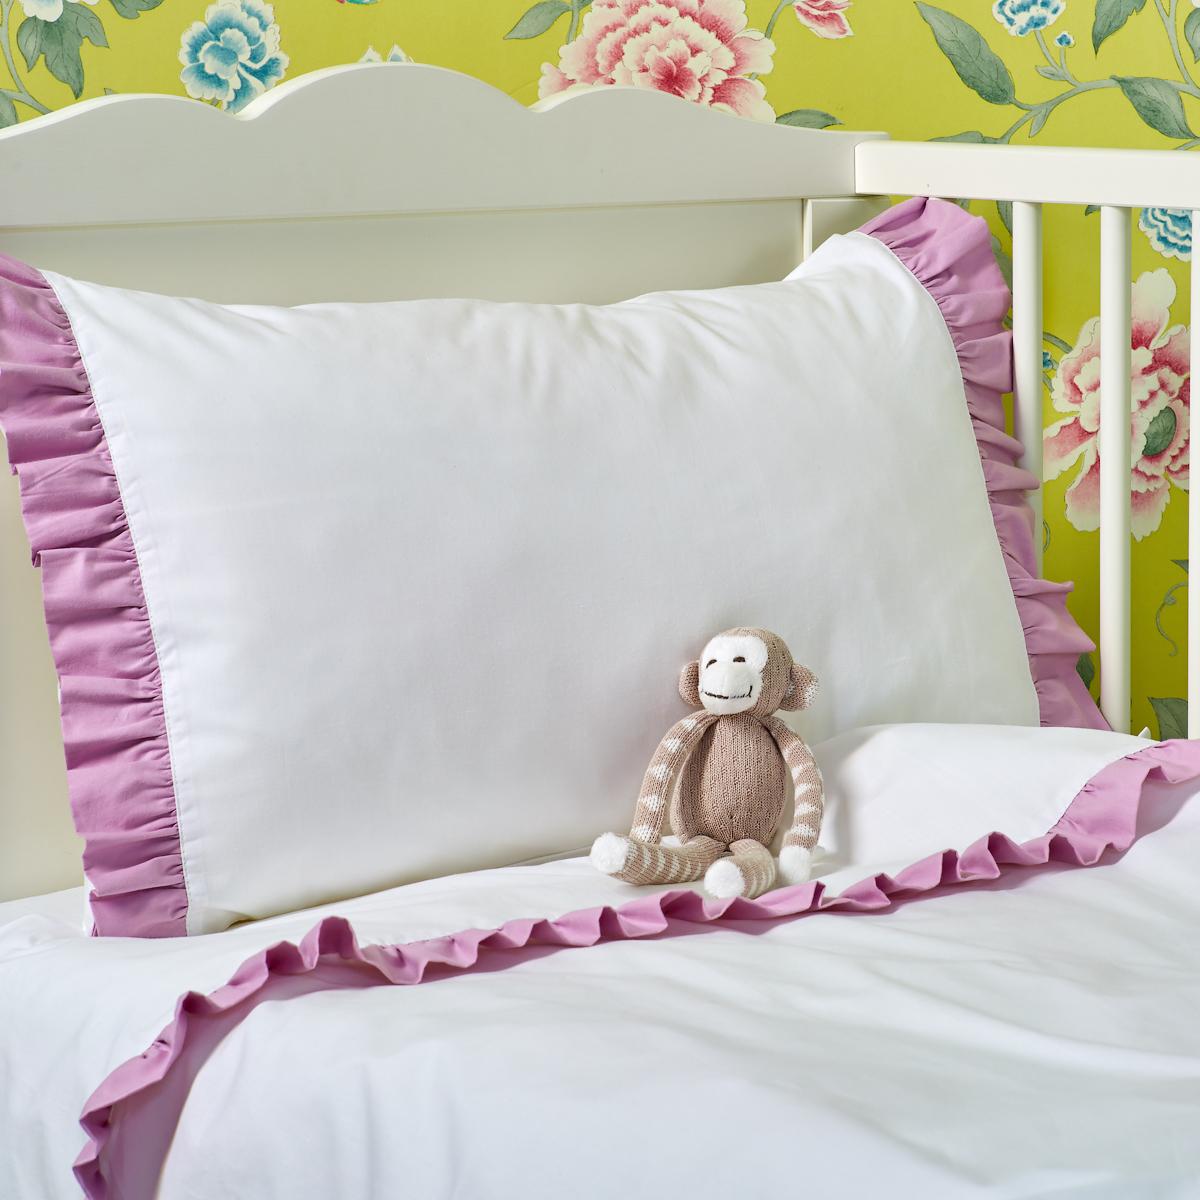 Купить Детский постельный комплект Рюши , inmyroom, Россия